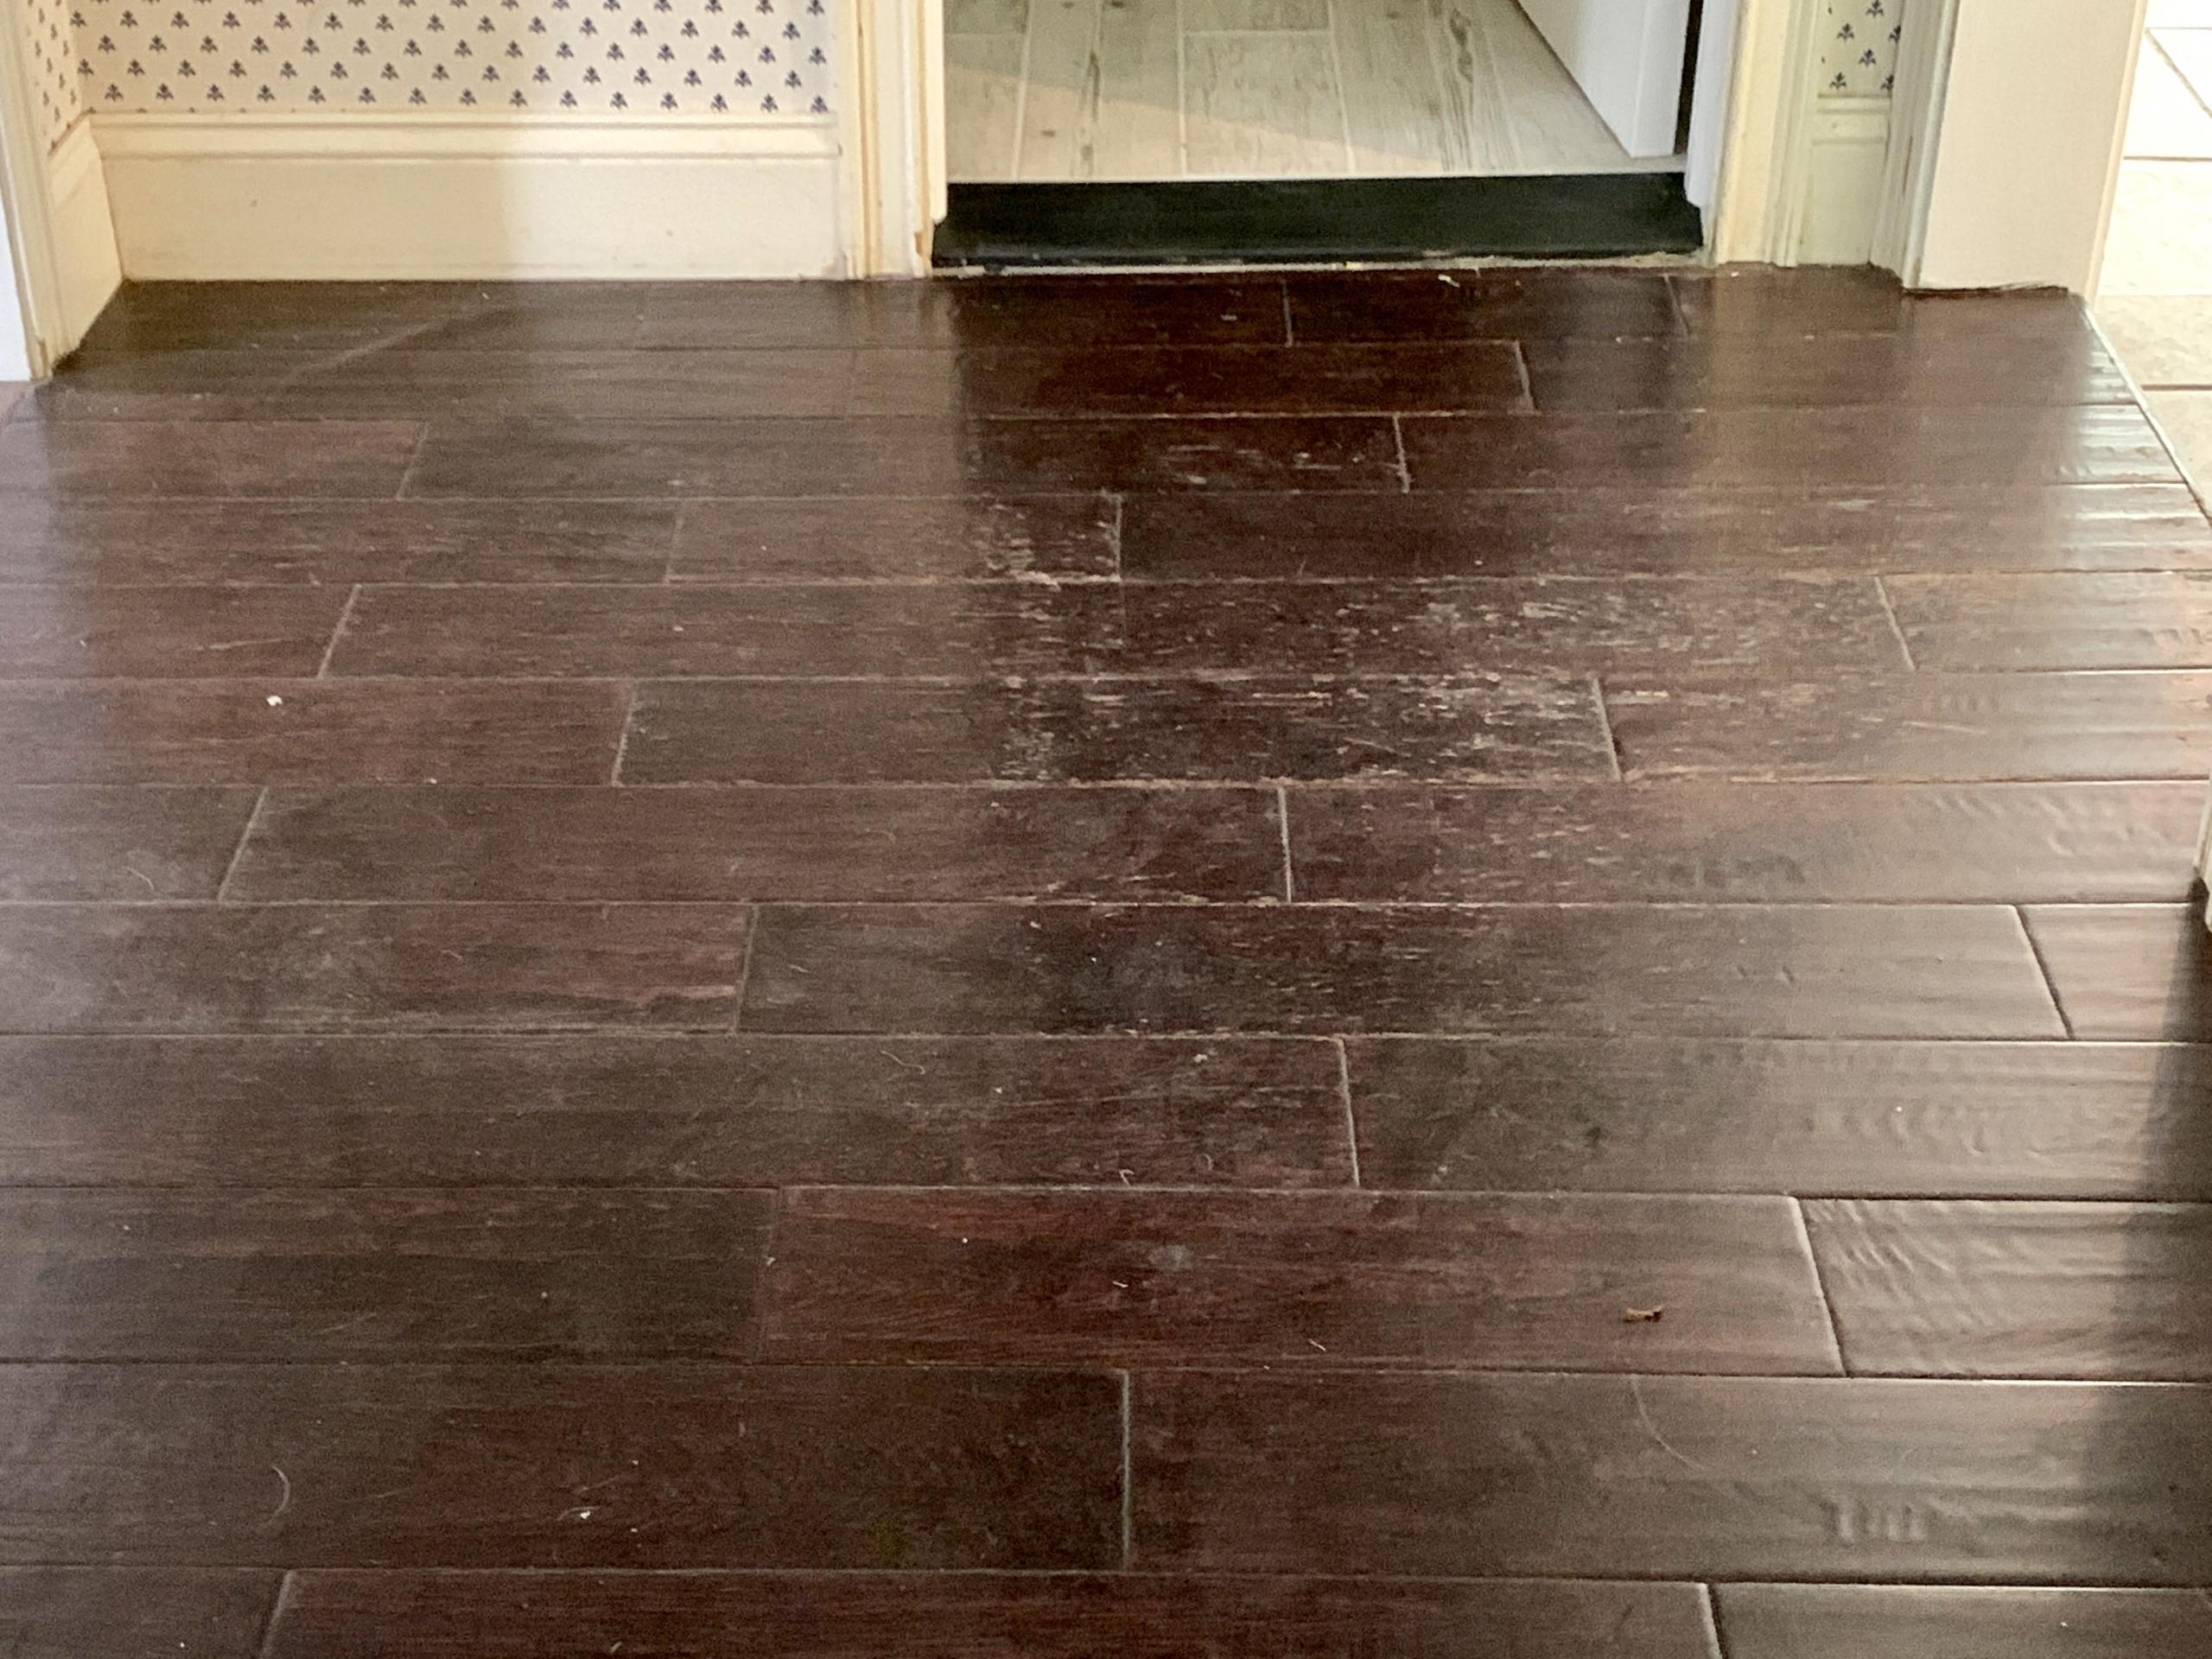 dirty floors